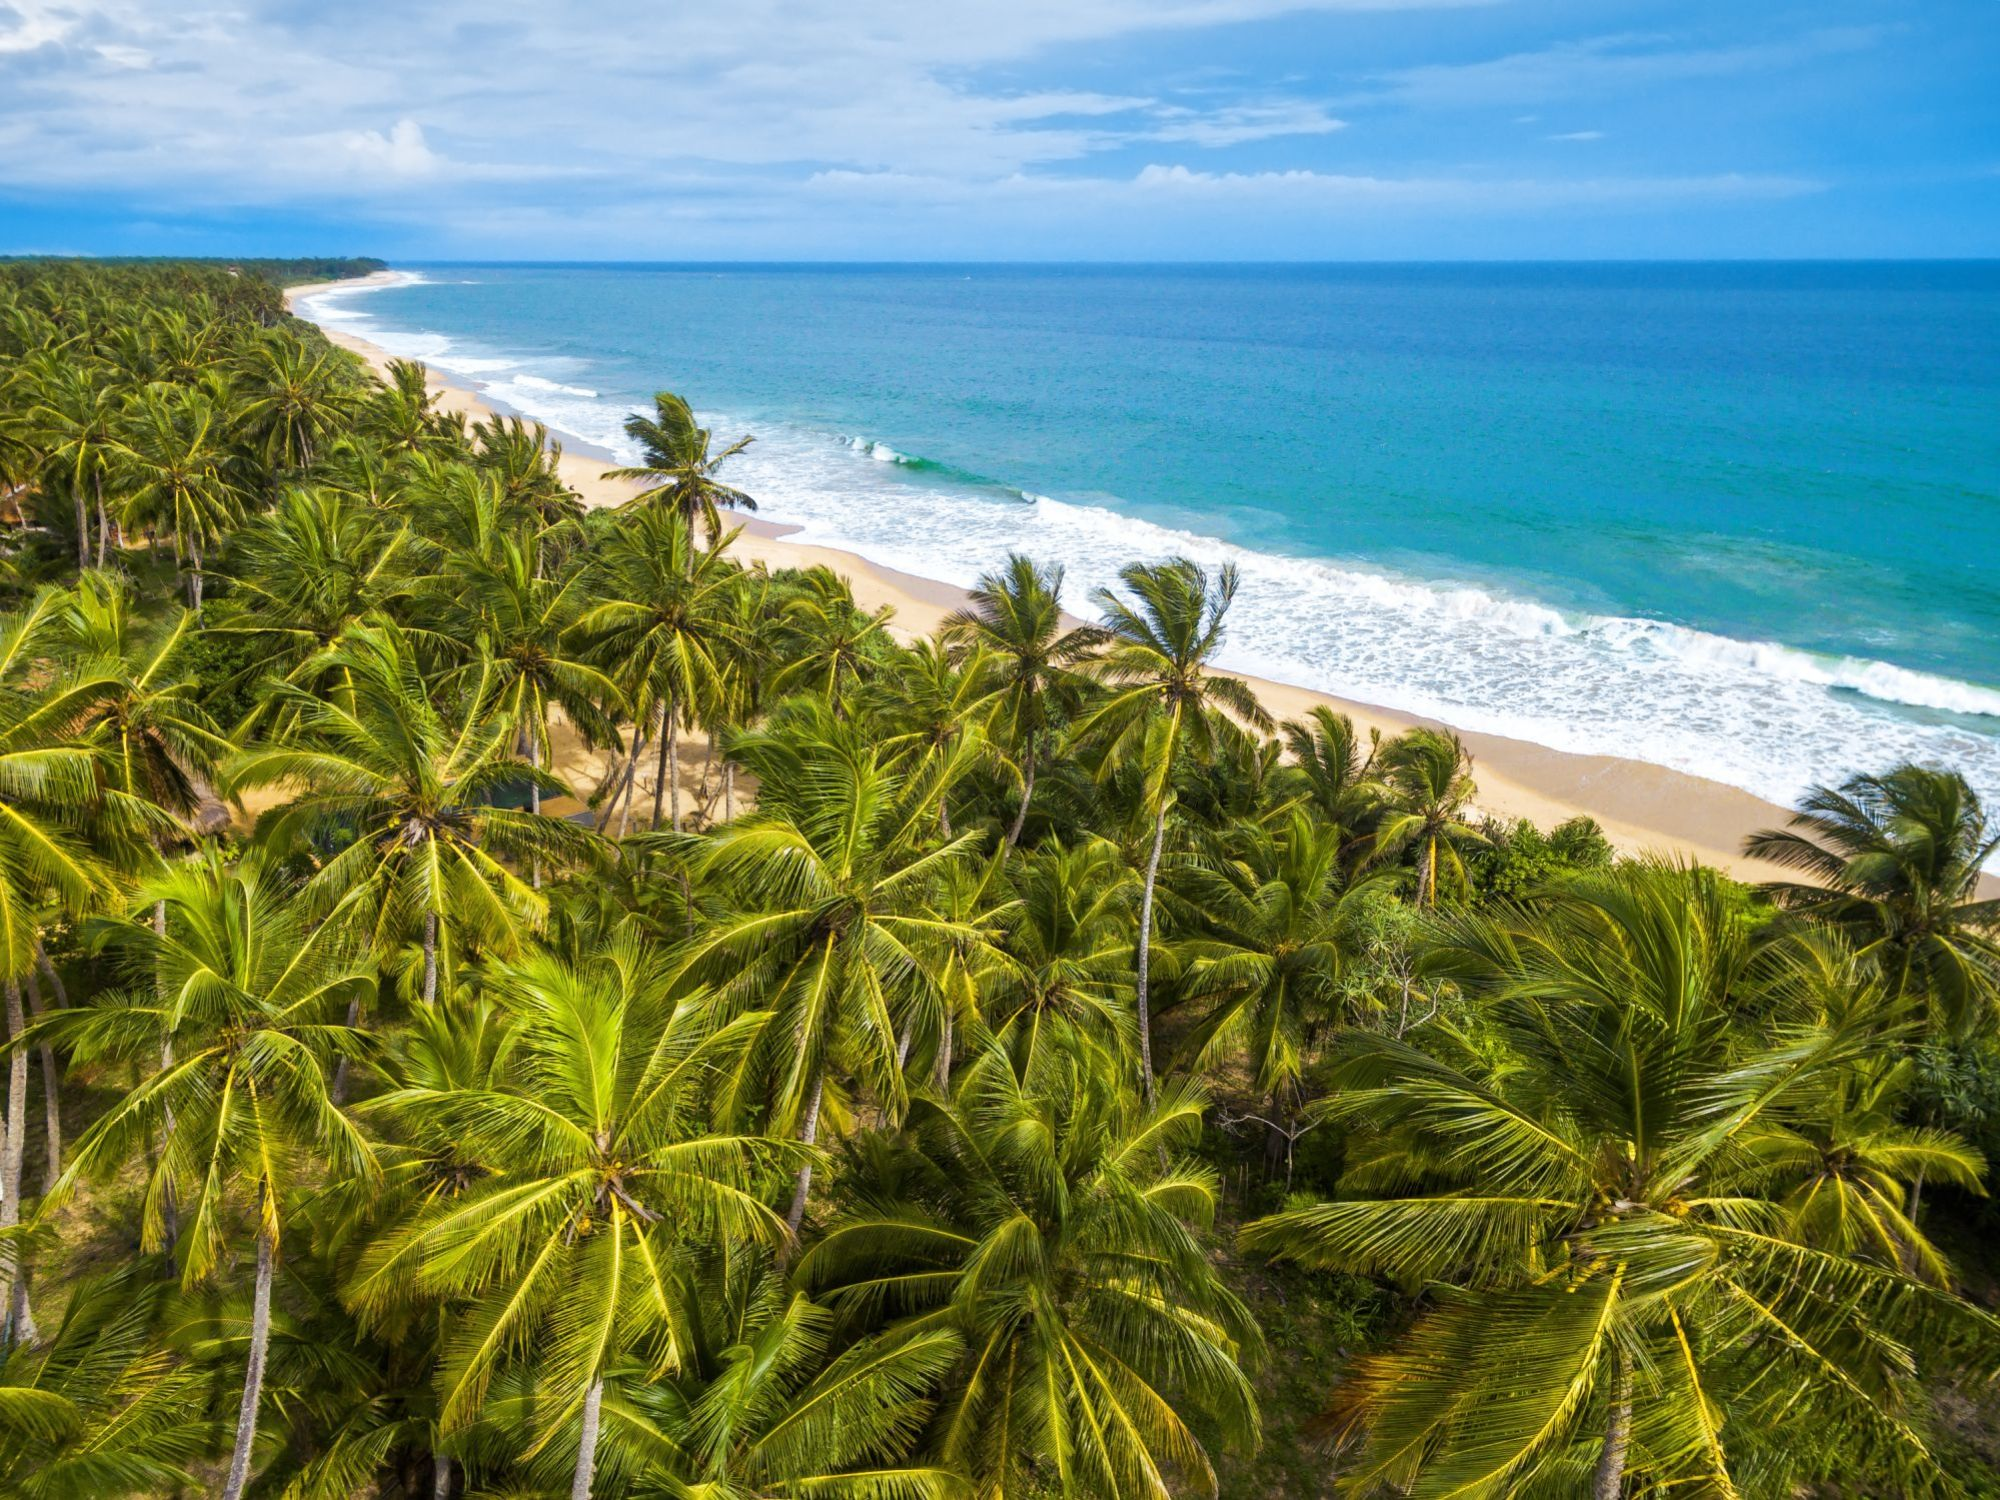 Gerelateerd blog artikel 10 redenen om Sri Lanka nu te bezoeken!